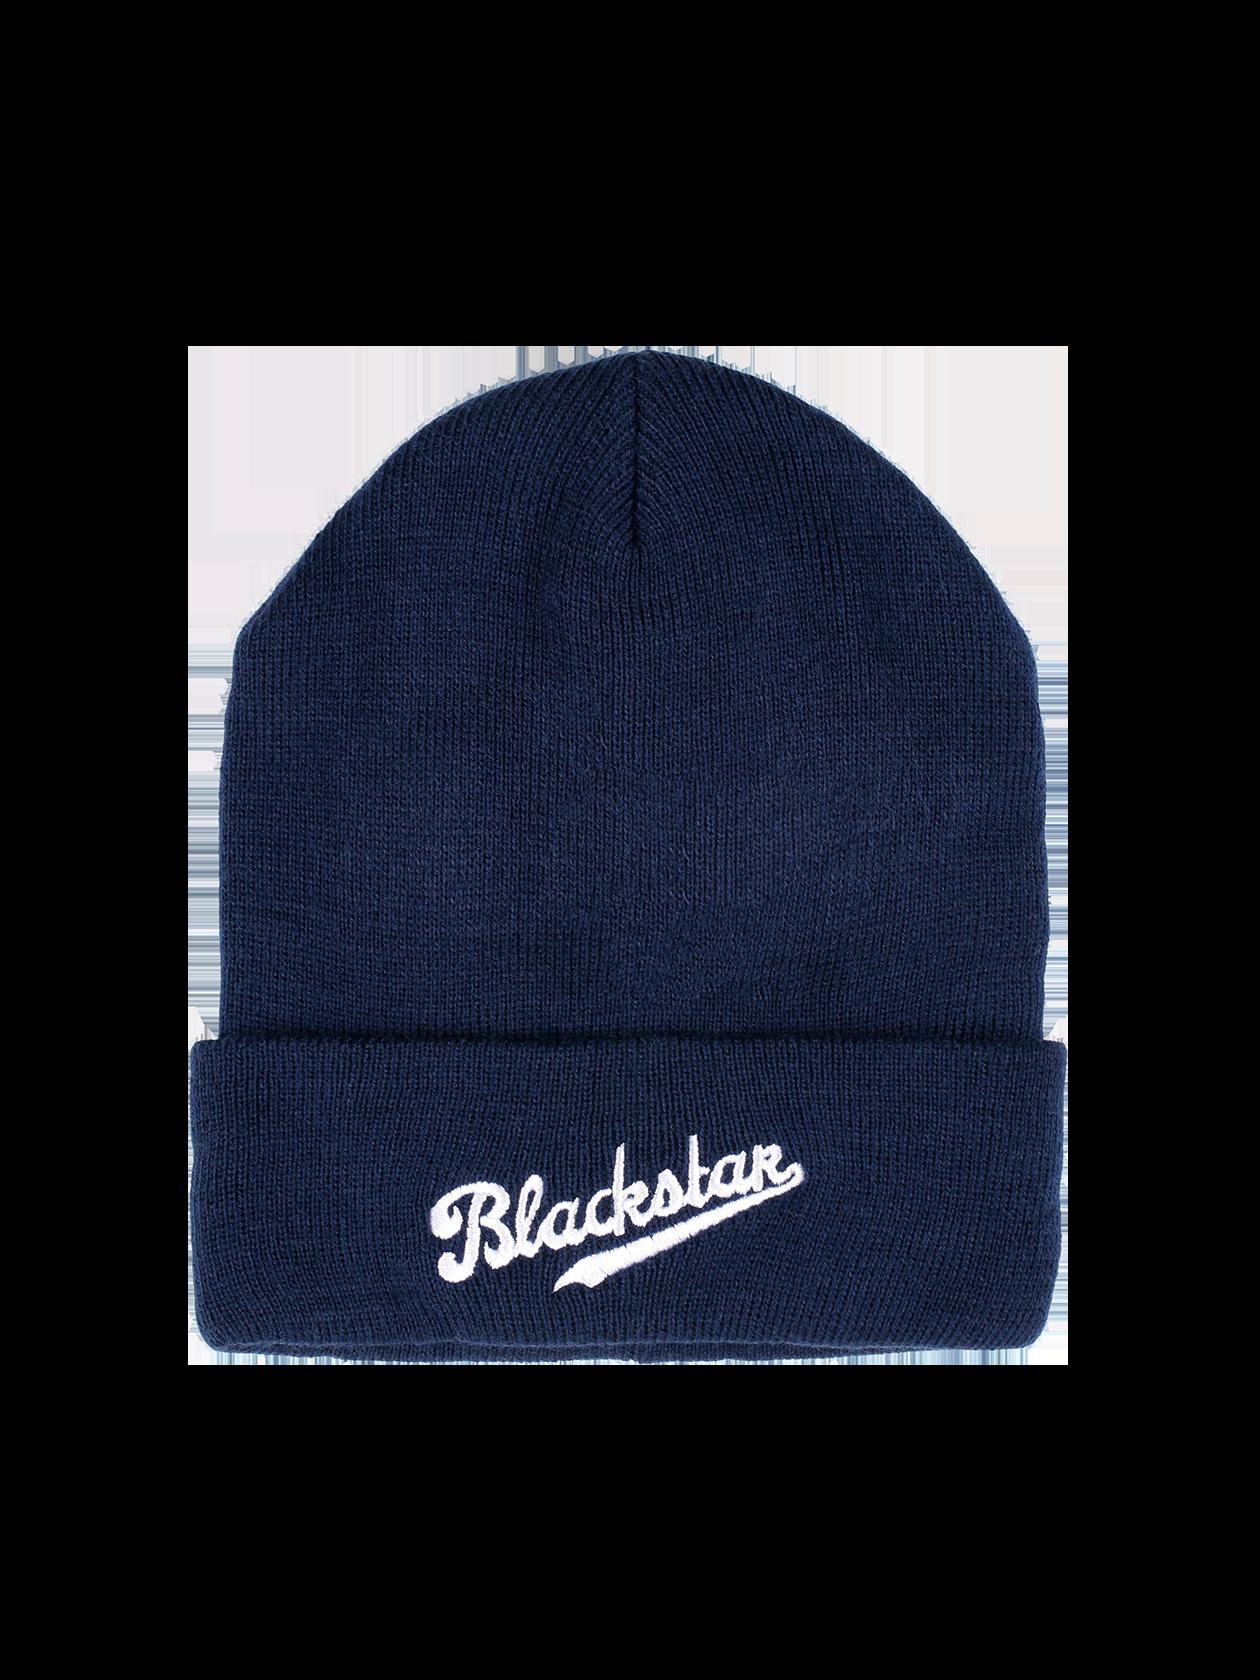 Шапка унисекс ChampionТёплая шапка унисекс Black Star Wear. Модель с подворотом, декорированным вышивкой Blackstar. Изделие из 100% акрила. Доступно голубом, синем, бордовом и чёрном цвете.<br><br>Размер: Единый размер<br>Цвет: Синий<br>Пол: Унисекс